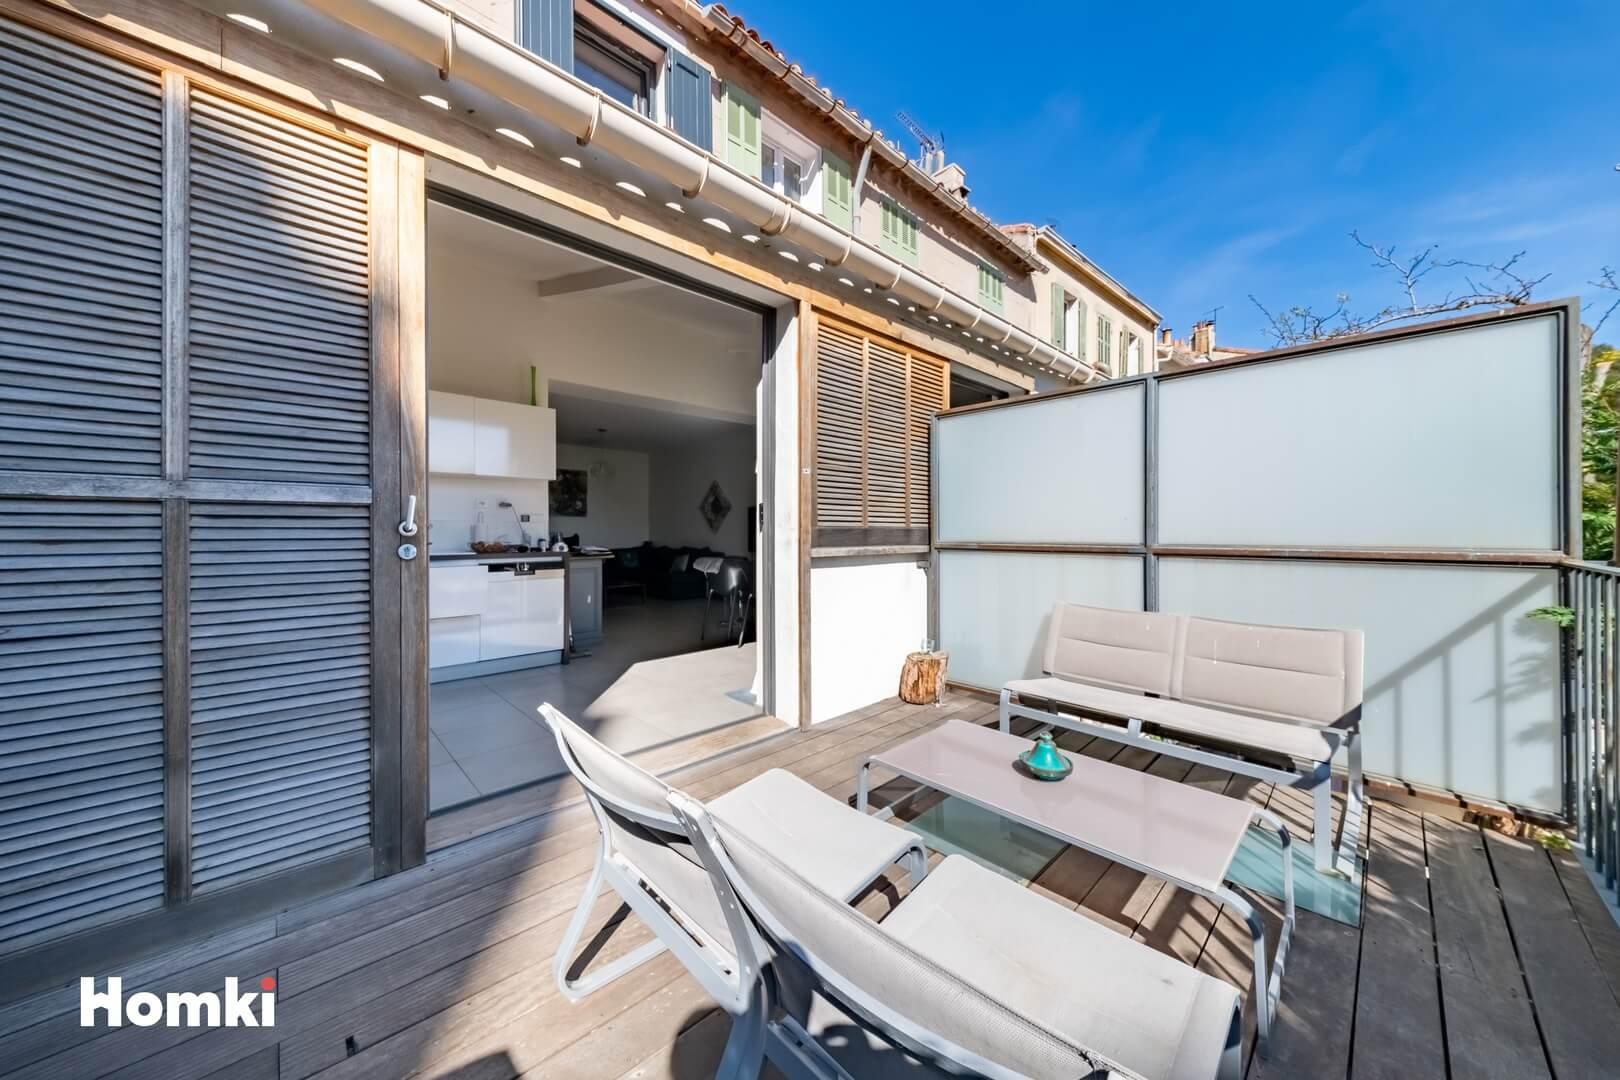 Homki - Vente maison/villa  de 130.0 m² à Marseille 13007